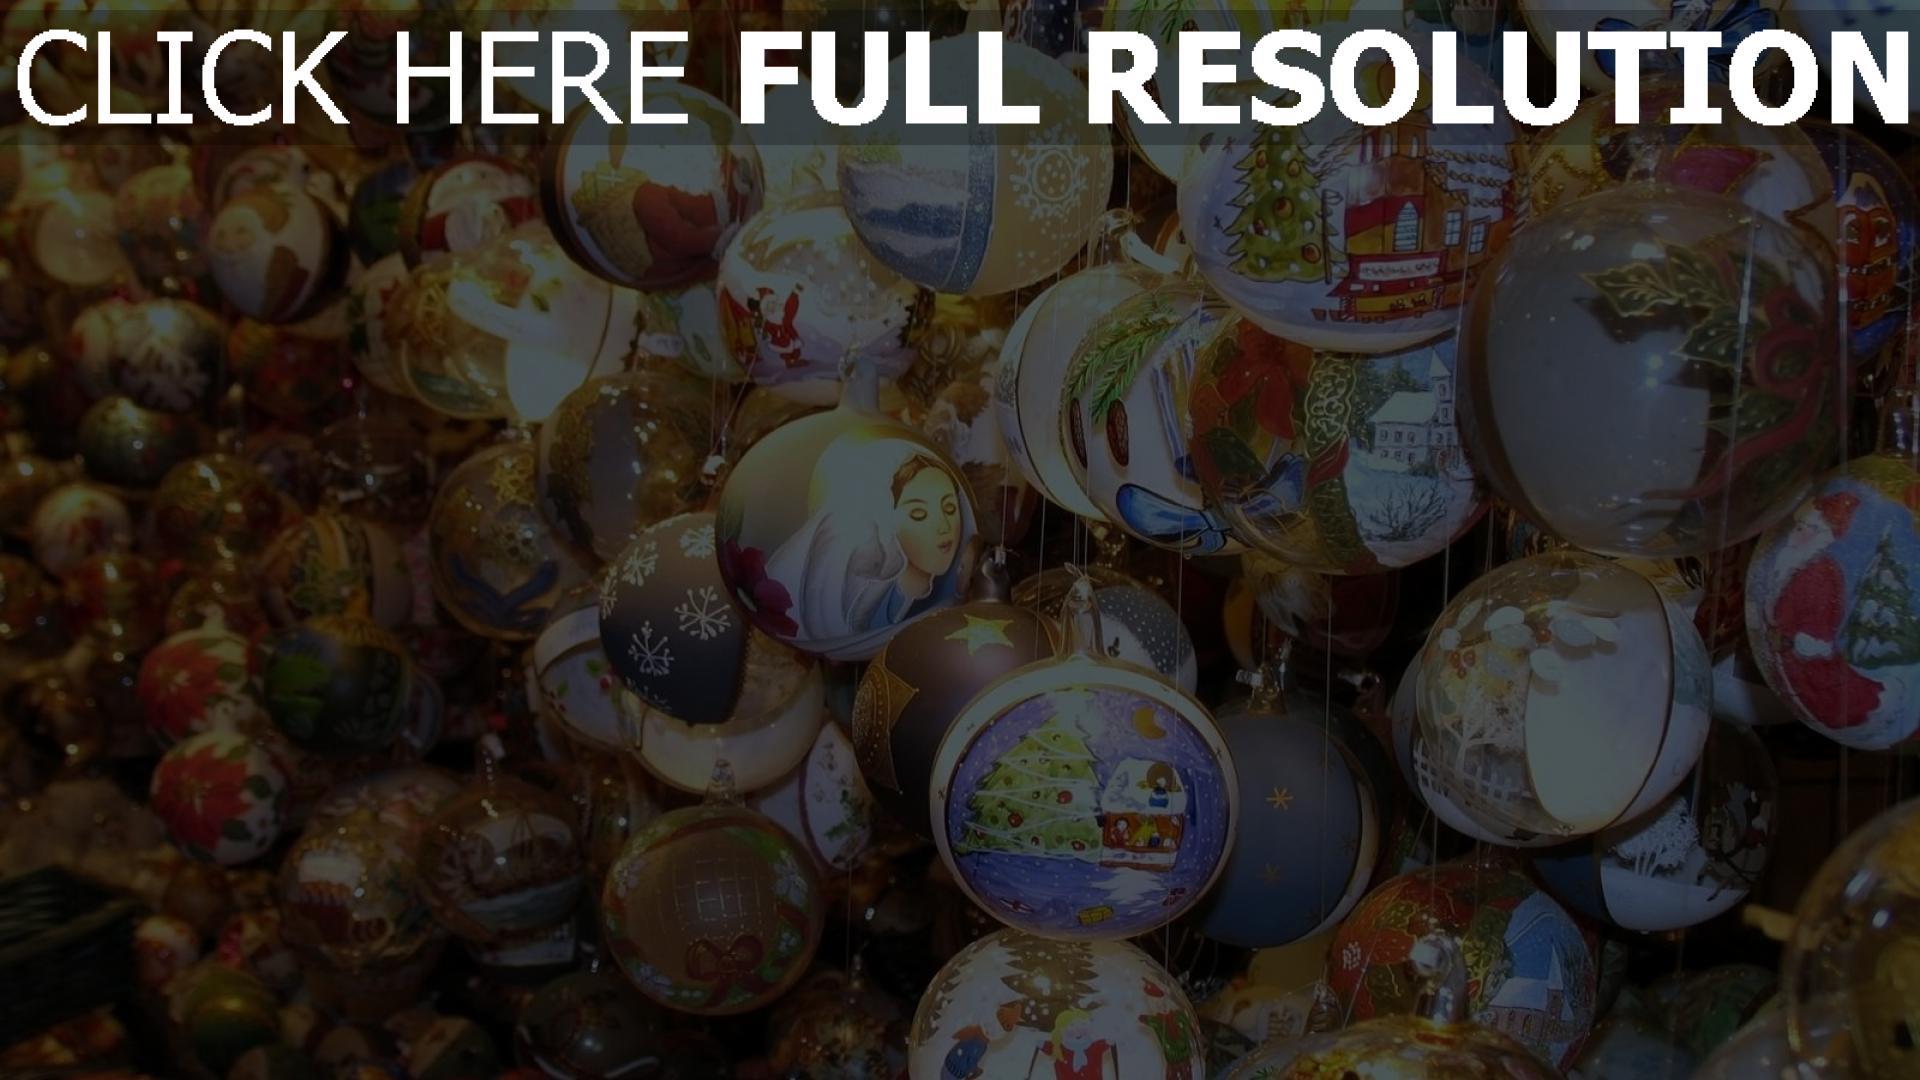 hd hintergrundbilder luftballons schaufenster neues jahr weihnachtsdekorationen attribute 1920x1080